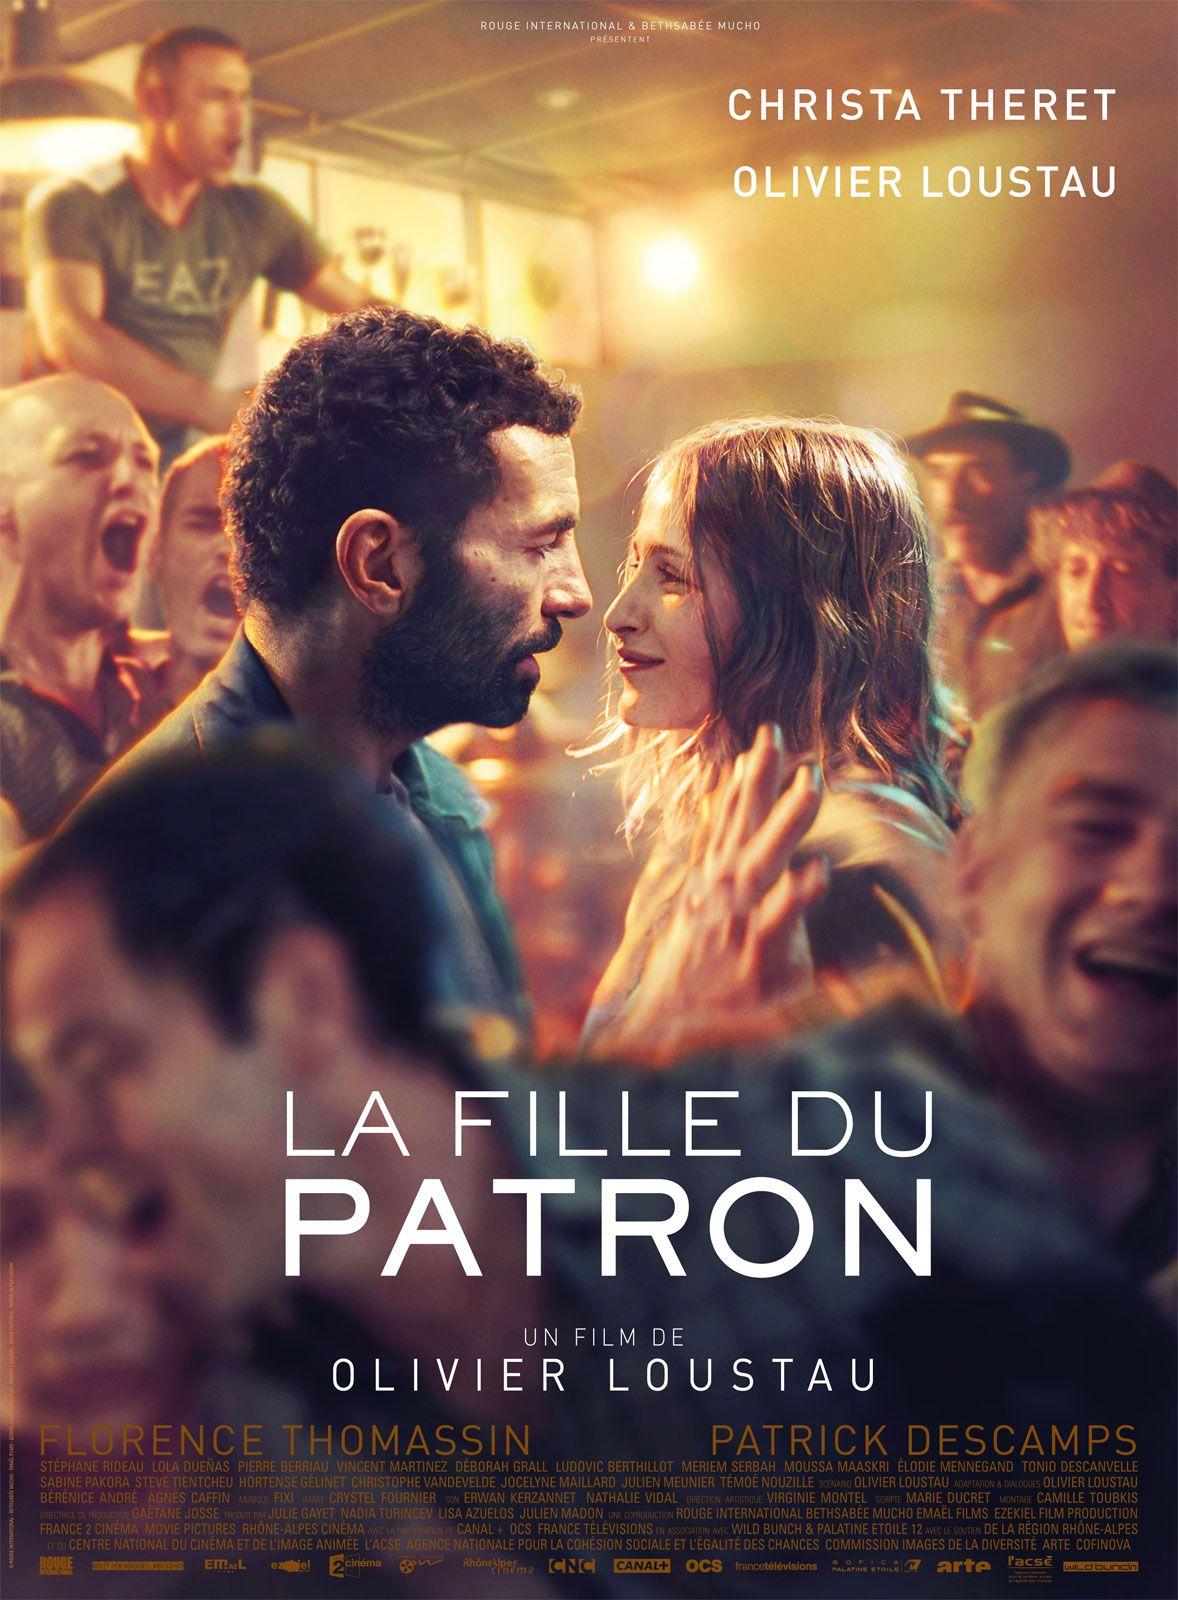 La Fille du patron - Film (2016)